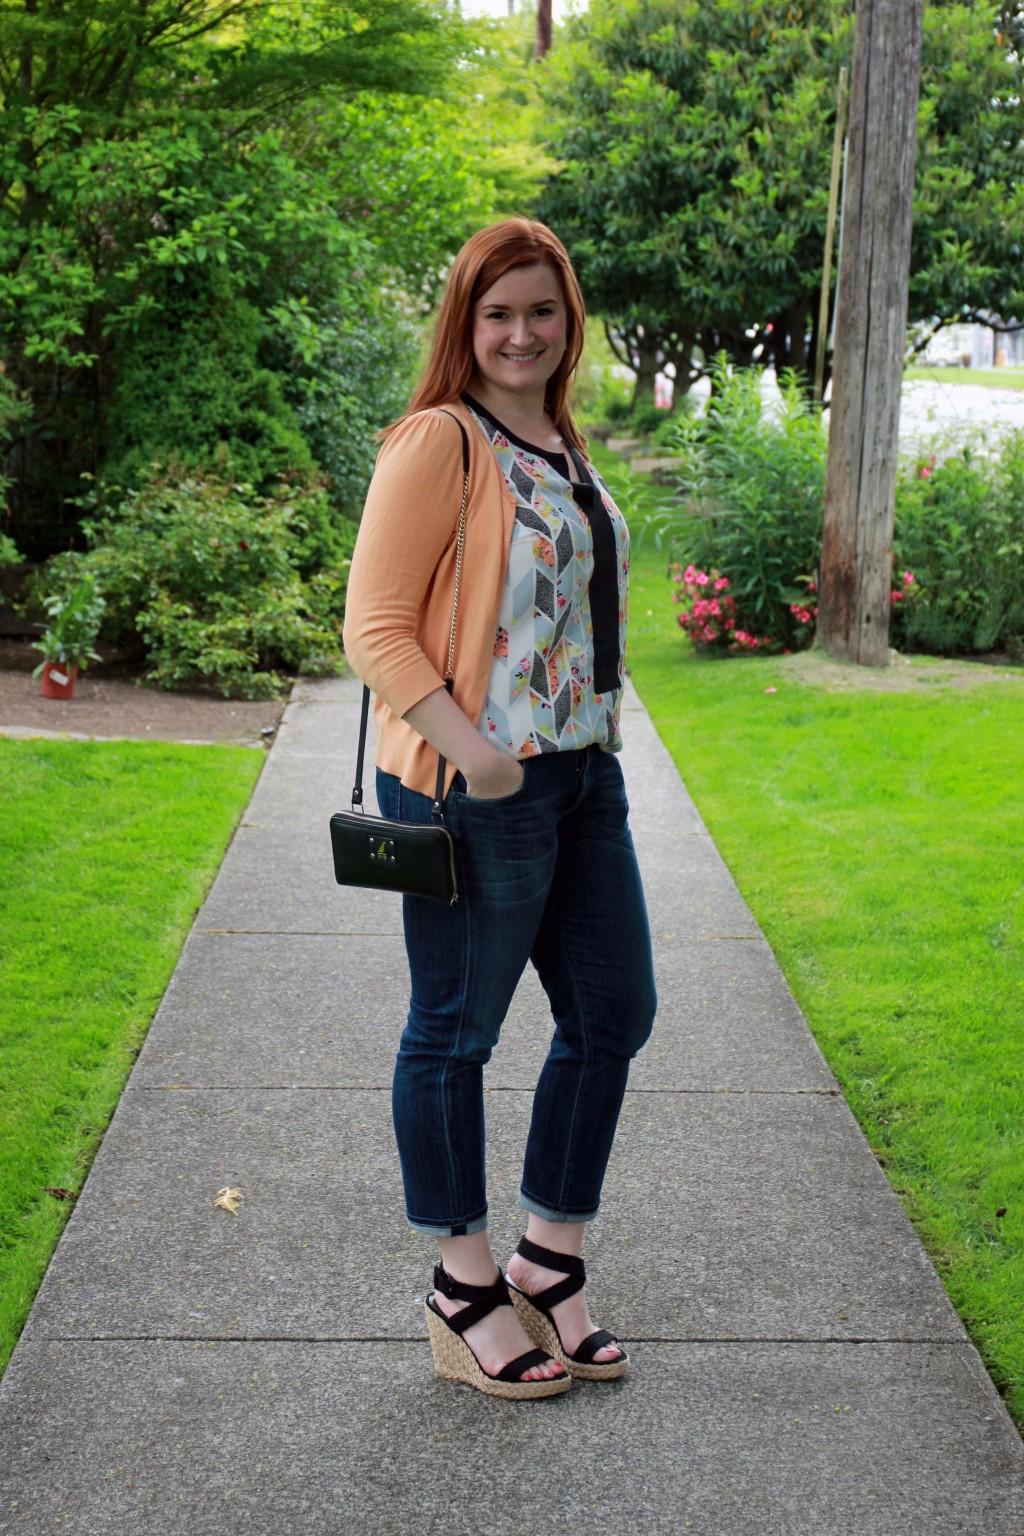 Style Blogger of Snohomish, Washington